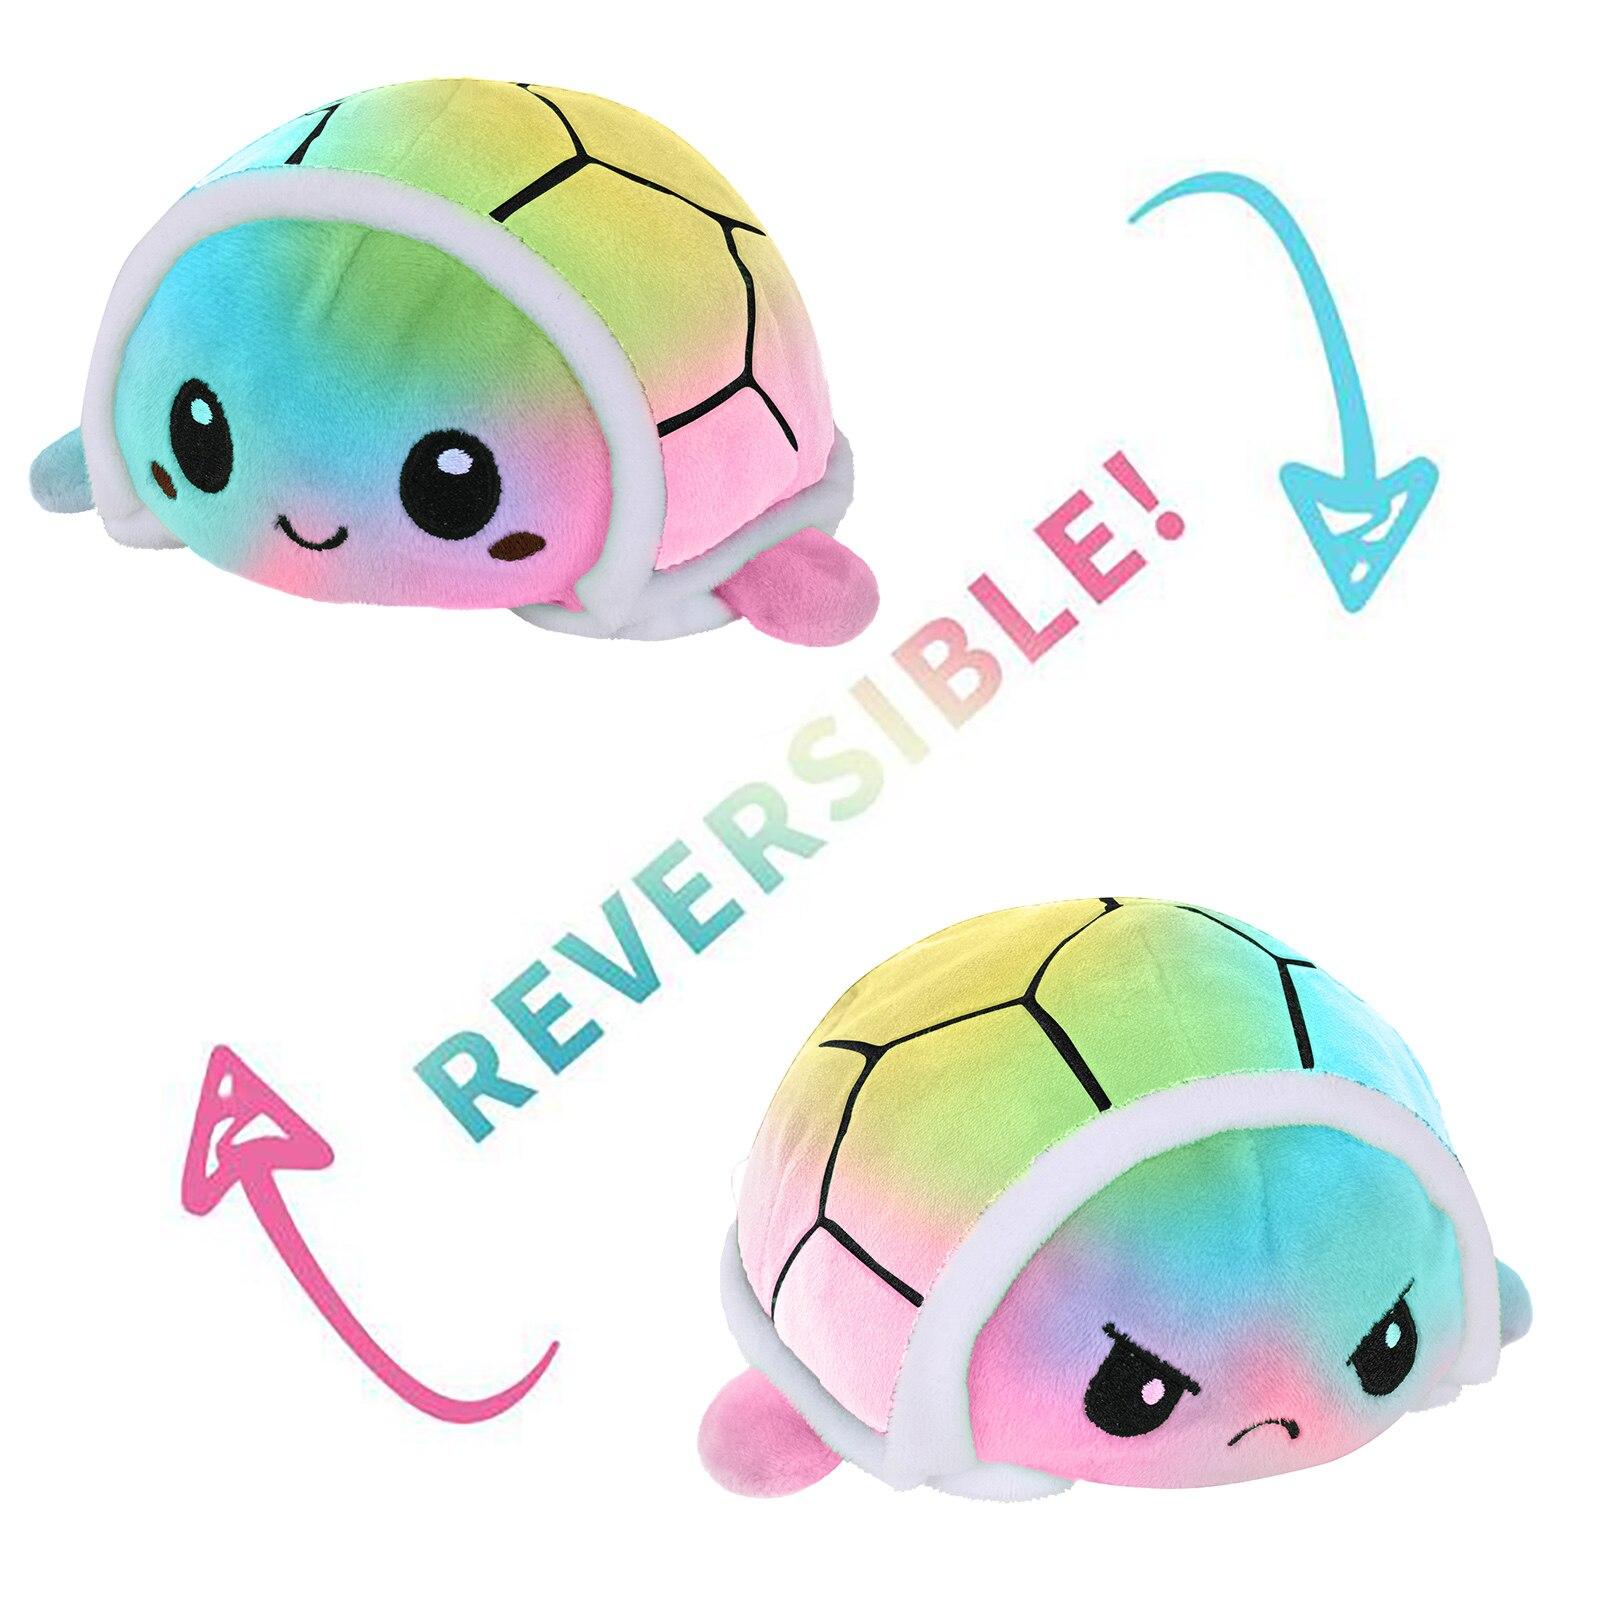 2021 12 видов стилей Двусторонняя Реверсивный черепаха Детские Plushie плюшевые Животные двухсторонний флип черепаха плюшевые куклы милые игруш...